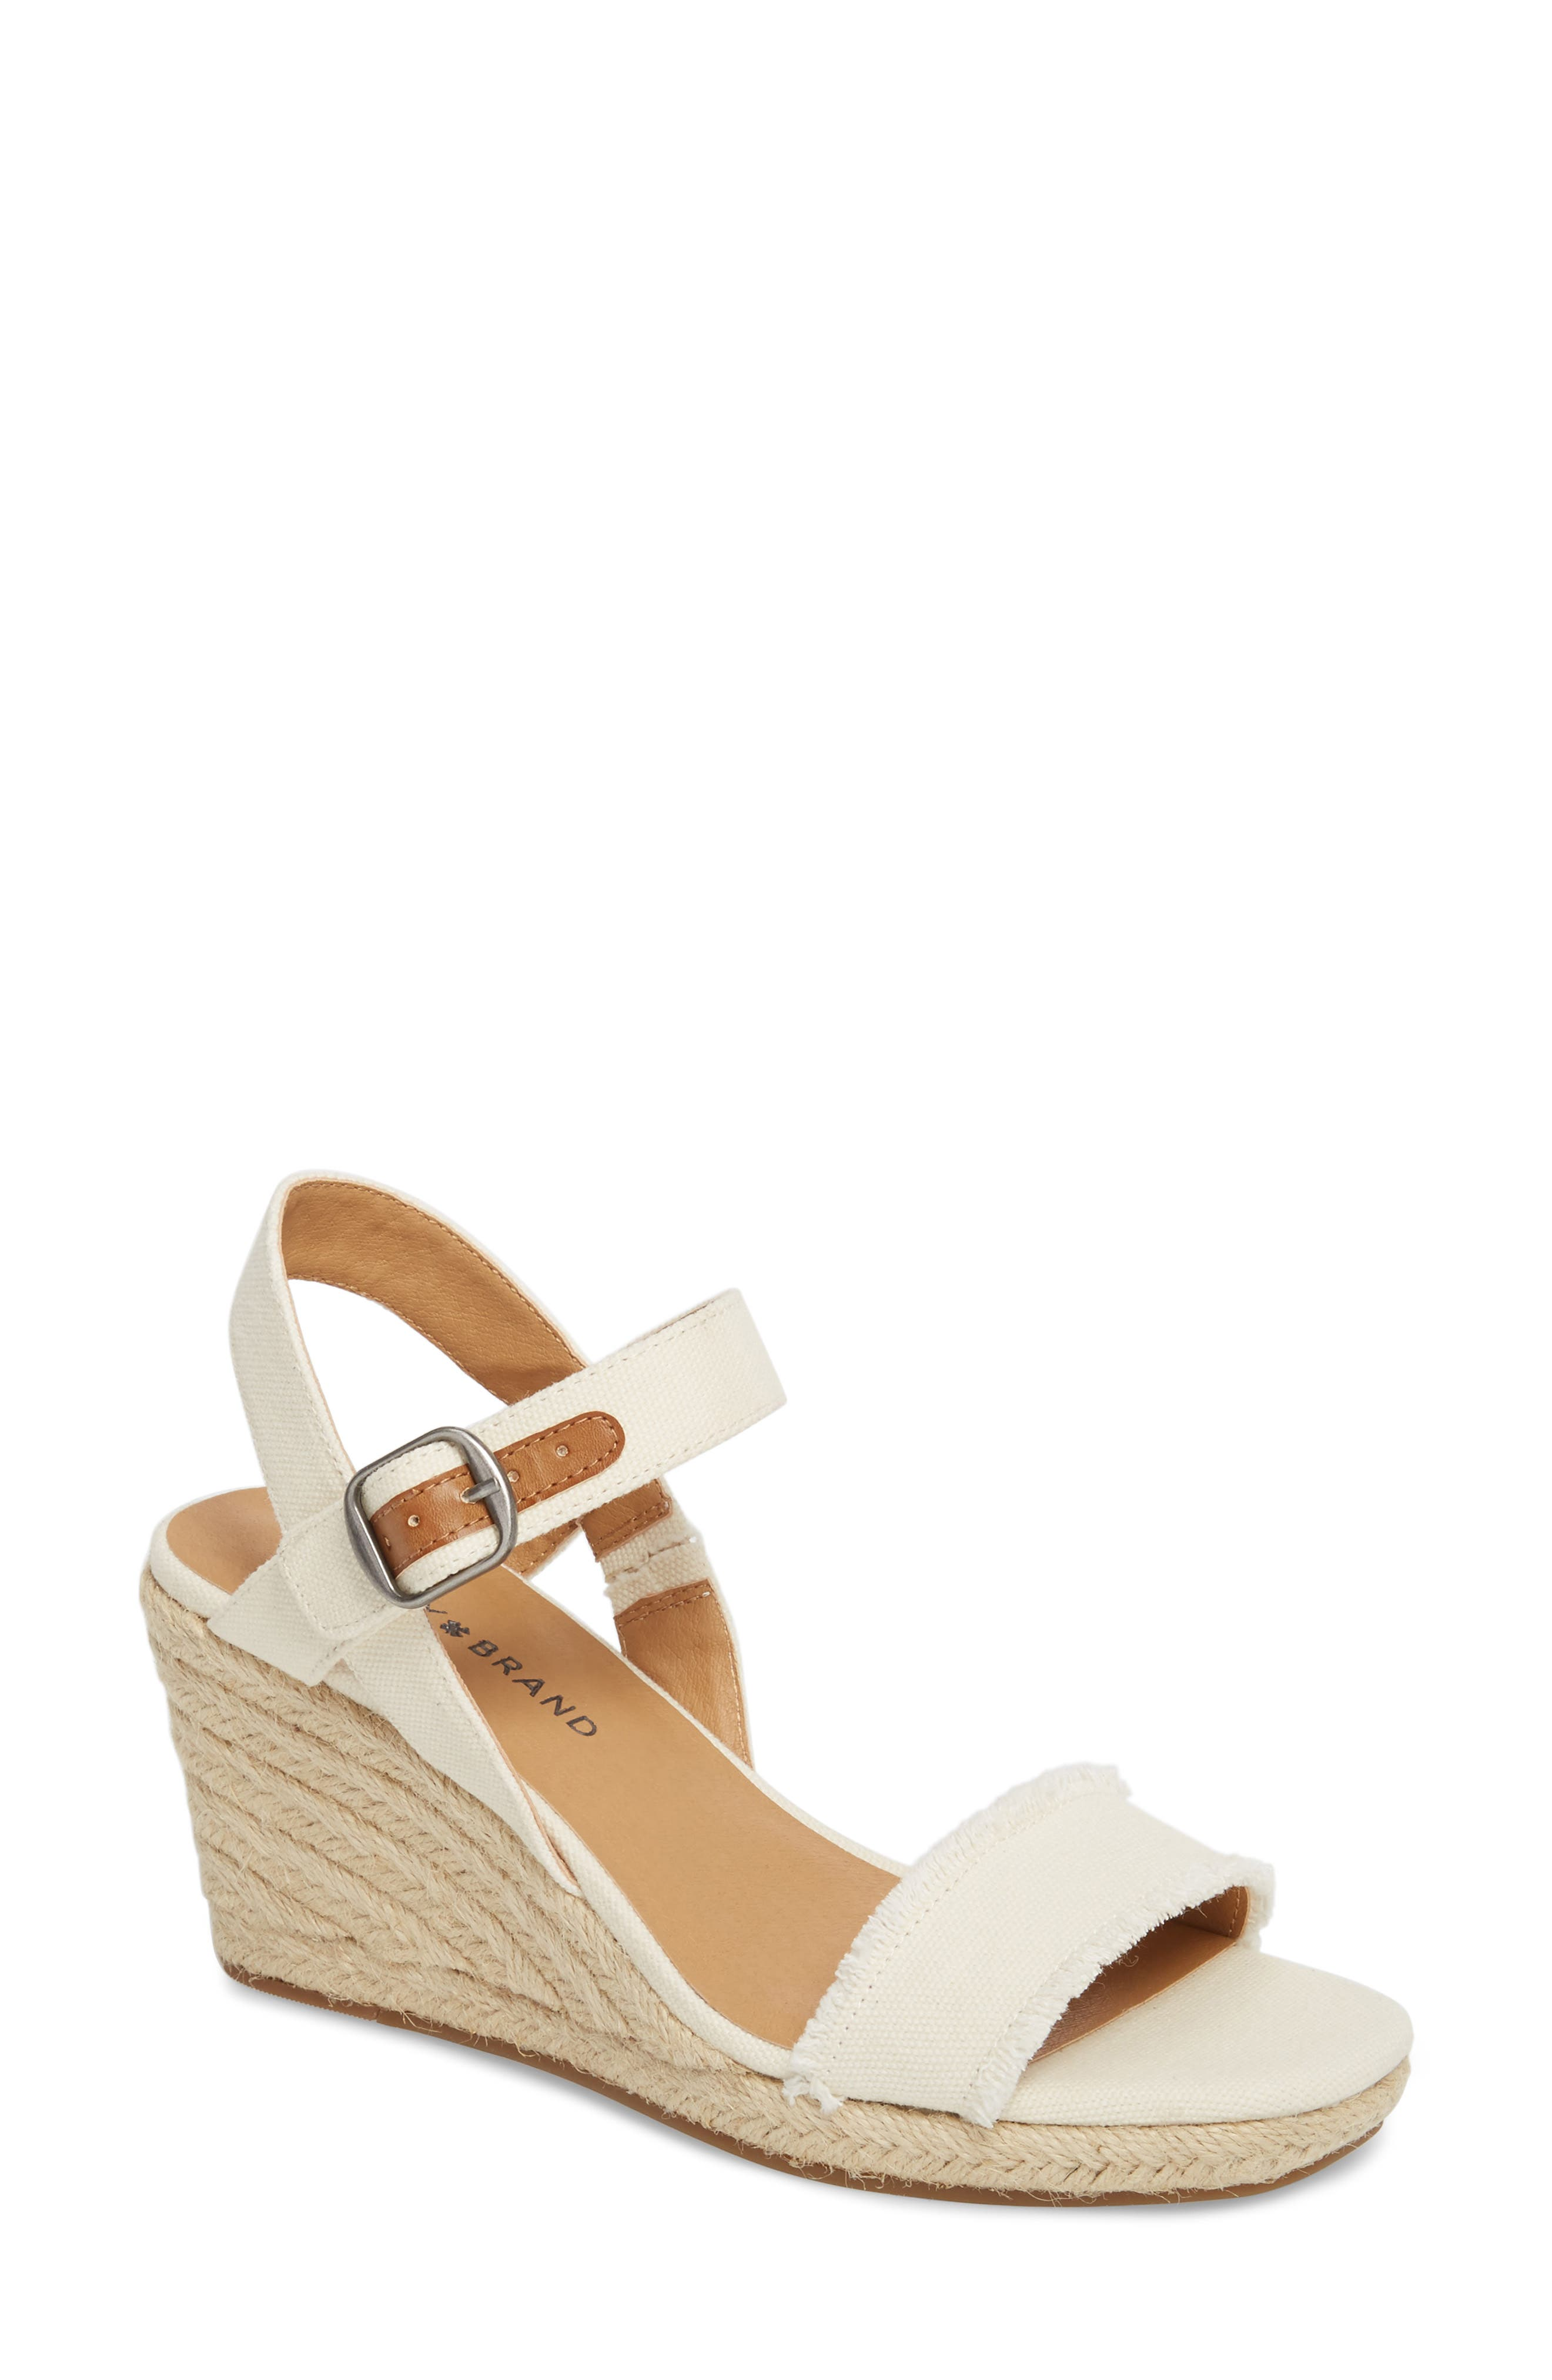 Main Image - Lucky Brand Marceline Squared Toe Wedge Sandal (Women)